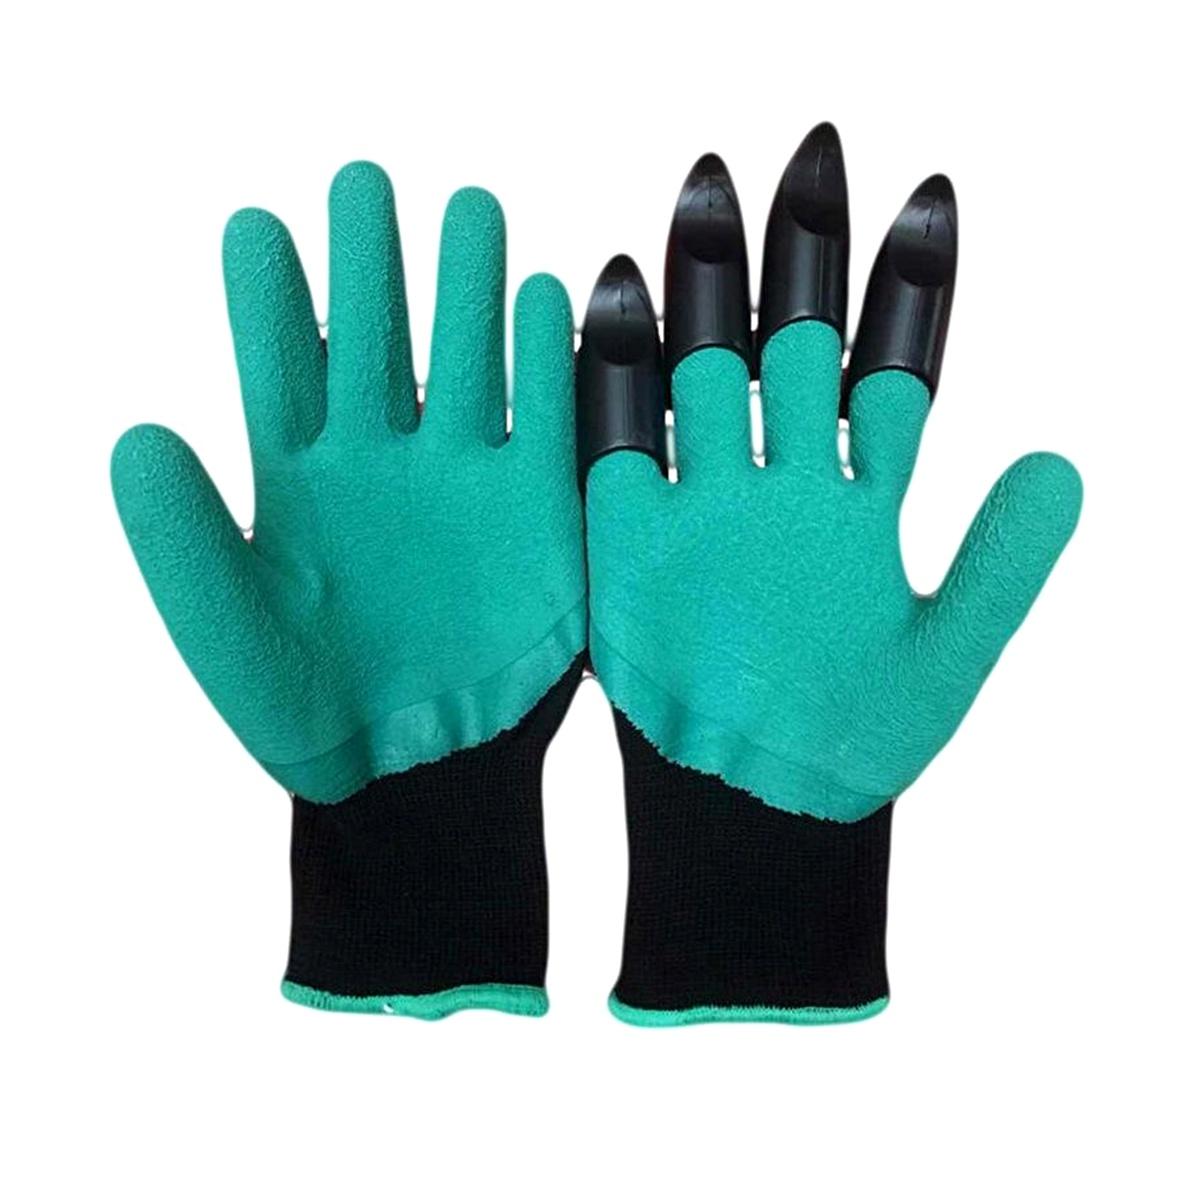 Садовые перчатки для сада Garden genie gloves перчатки beringo garden genie gloves